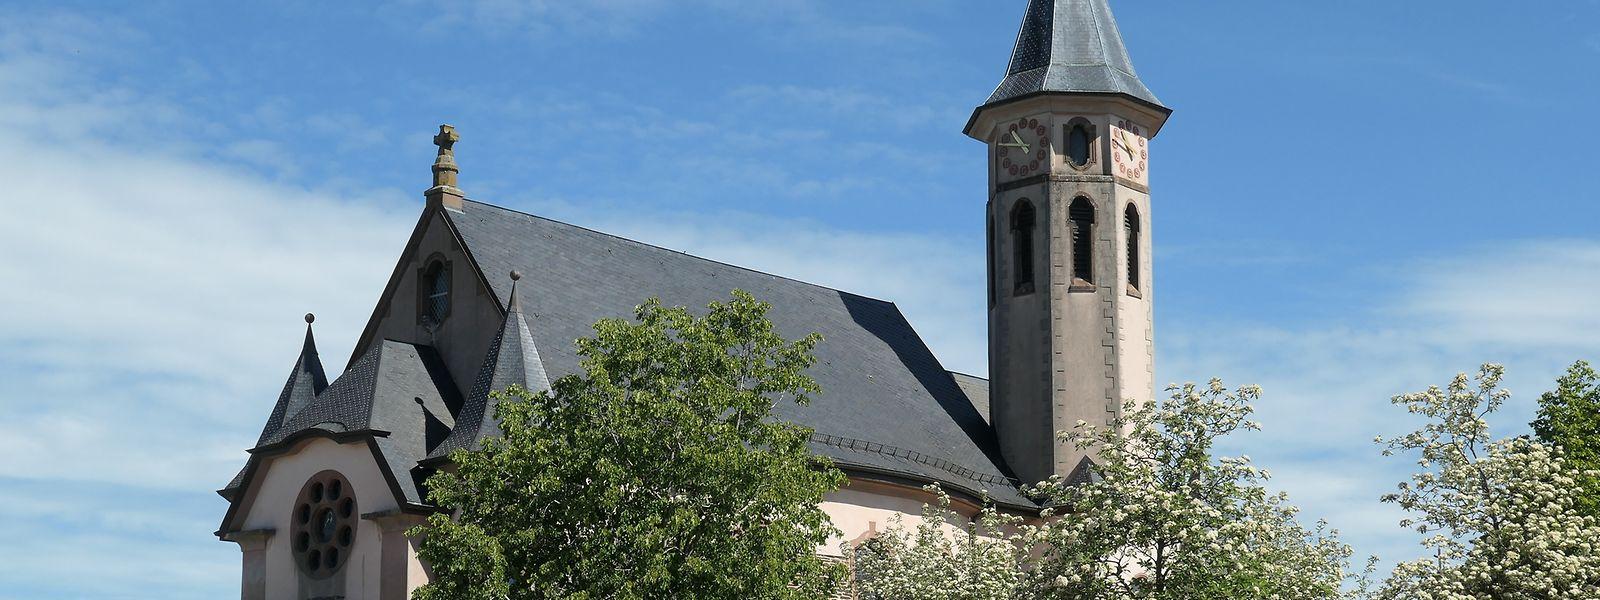 Die acht Kirchen in der Gemeinde Ulflingen befinden sich allesamt in Gemeindebesitz und sind zudem auch denkmalgeschützte Kulturgüter.